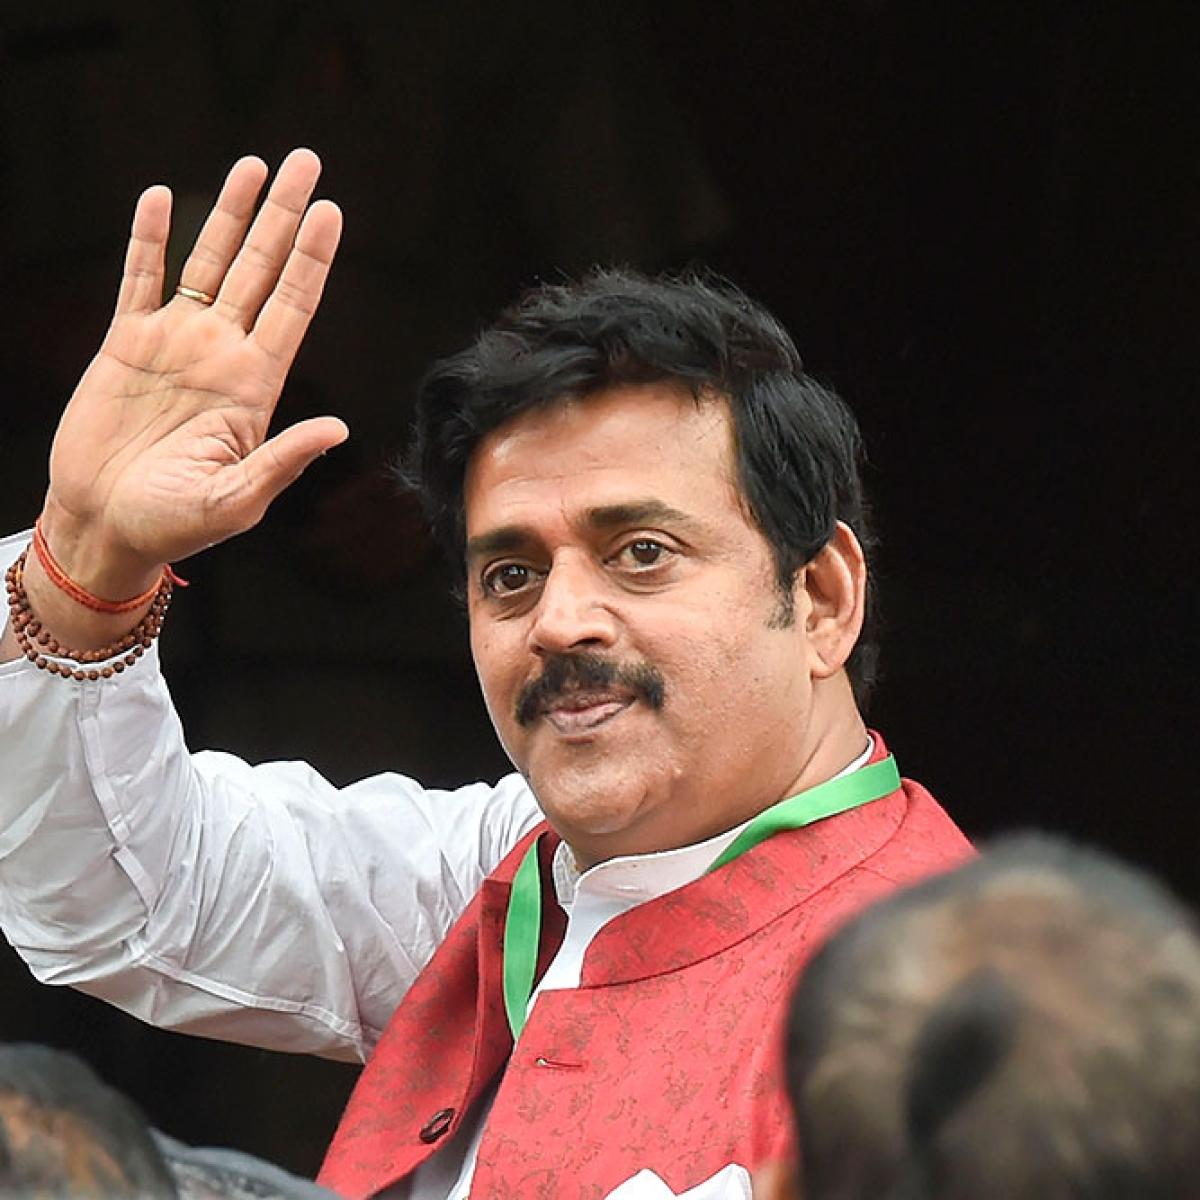 Ravi Kishan seeks ban on vulgar  content in Bhojpuri films and songs